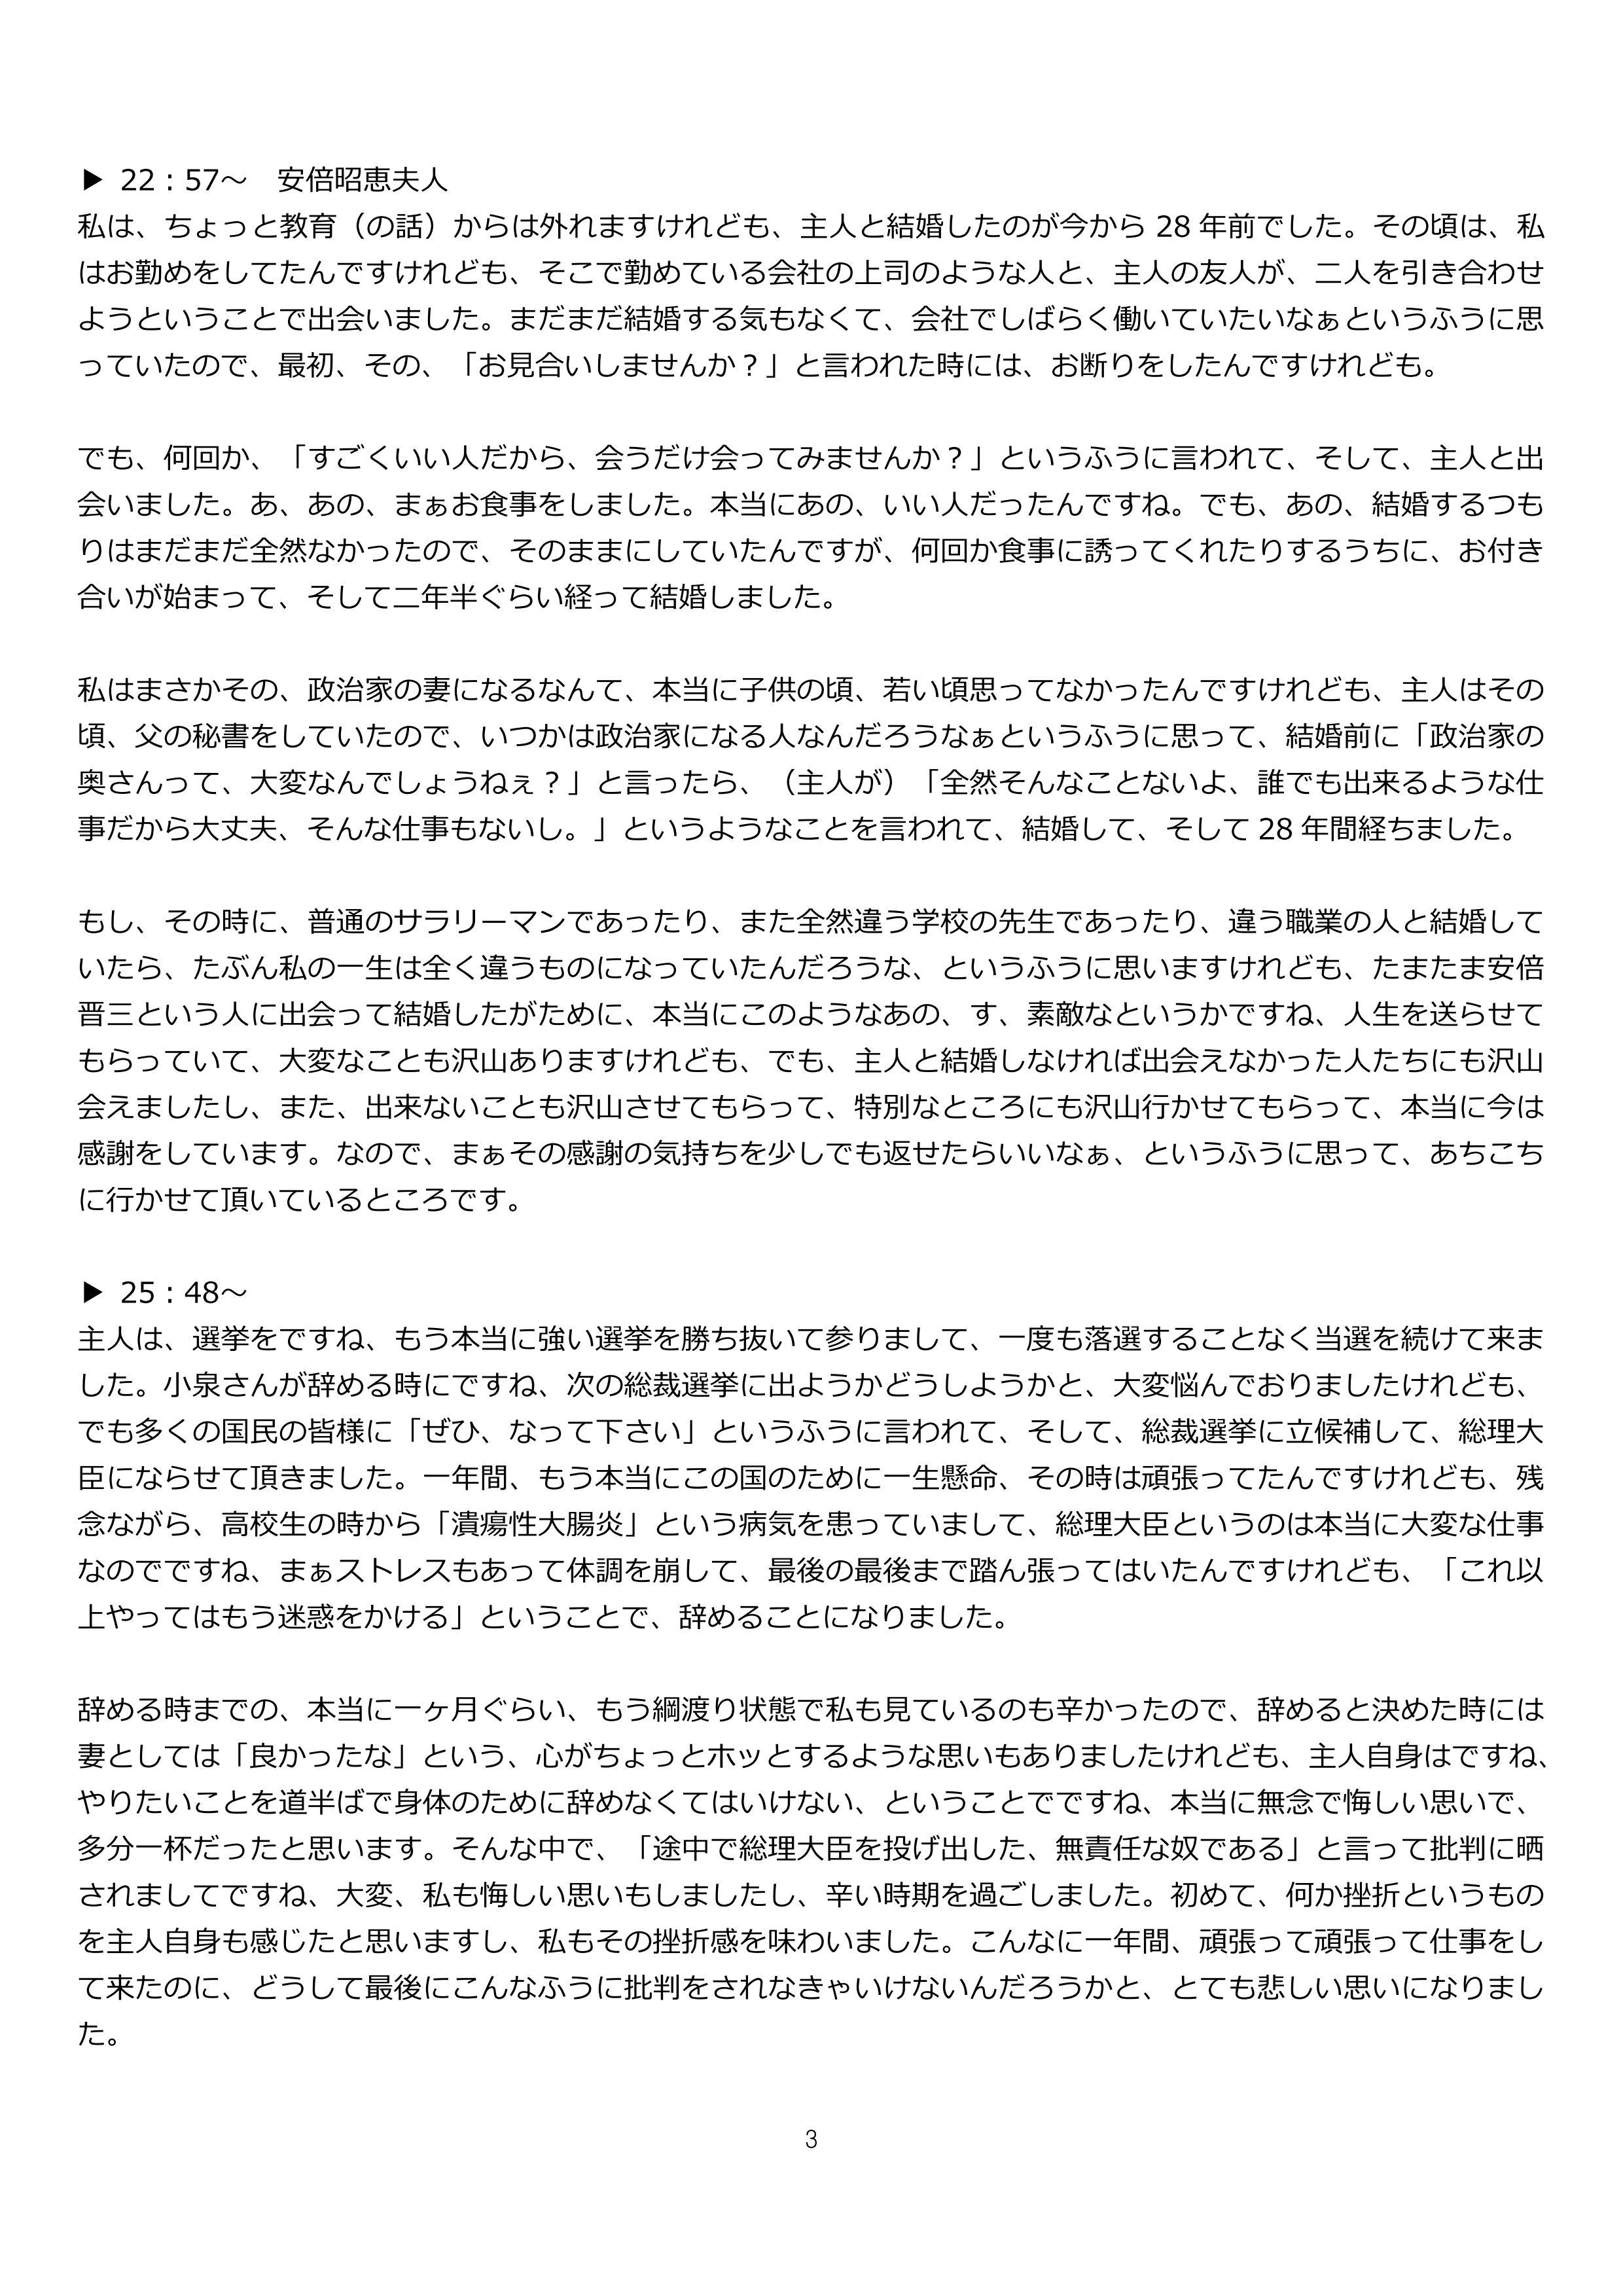 20150905_塚本幼稚園内講演会 (1) (1)_03